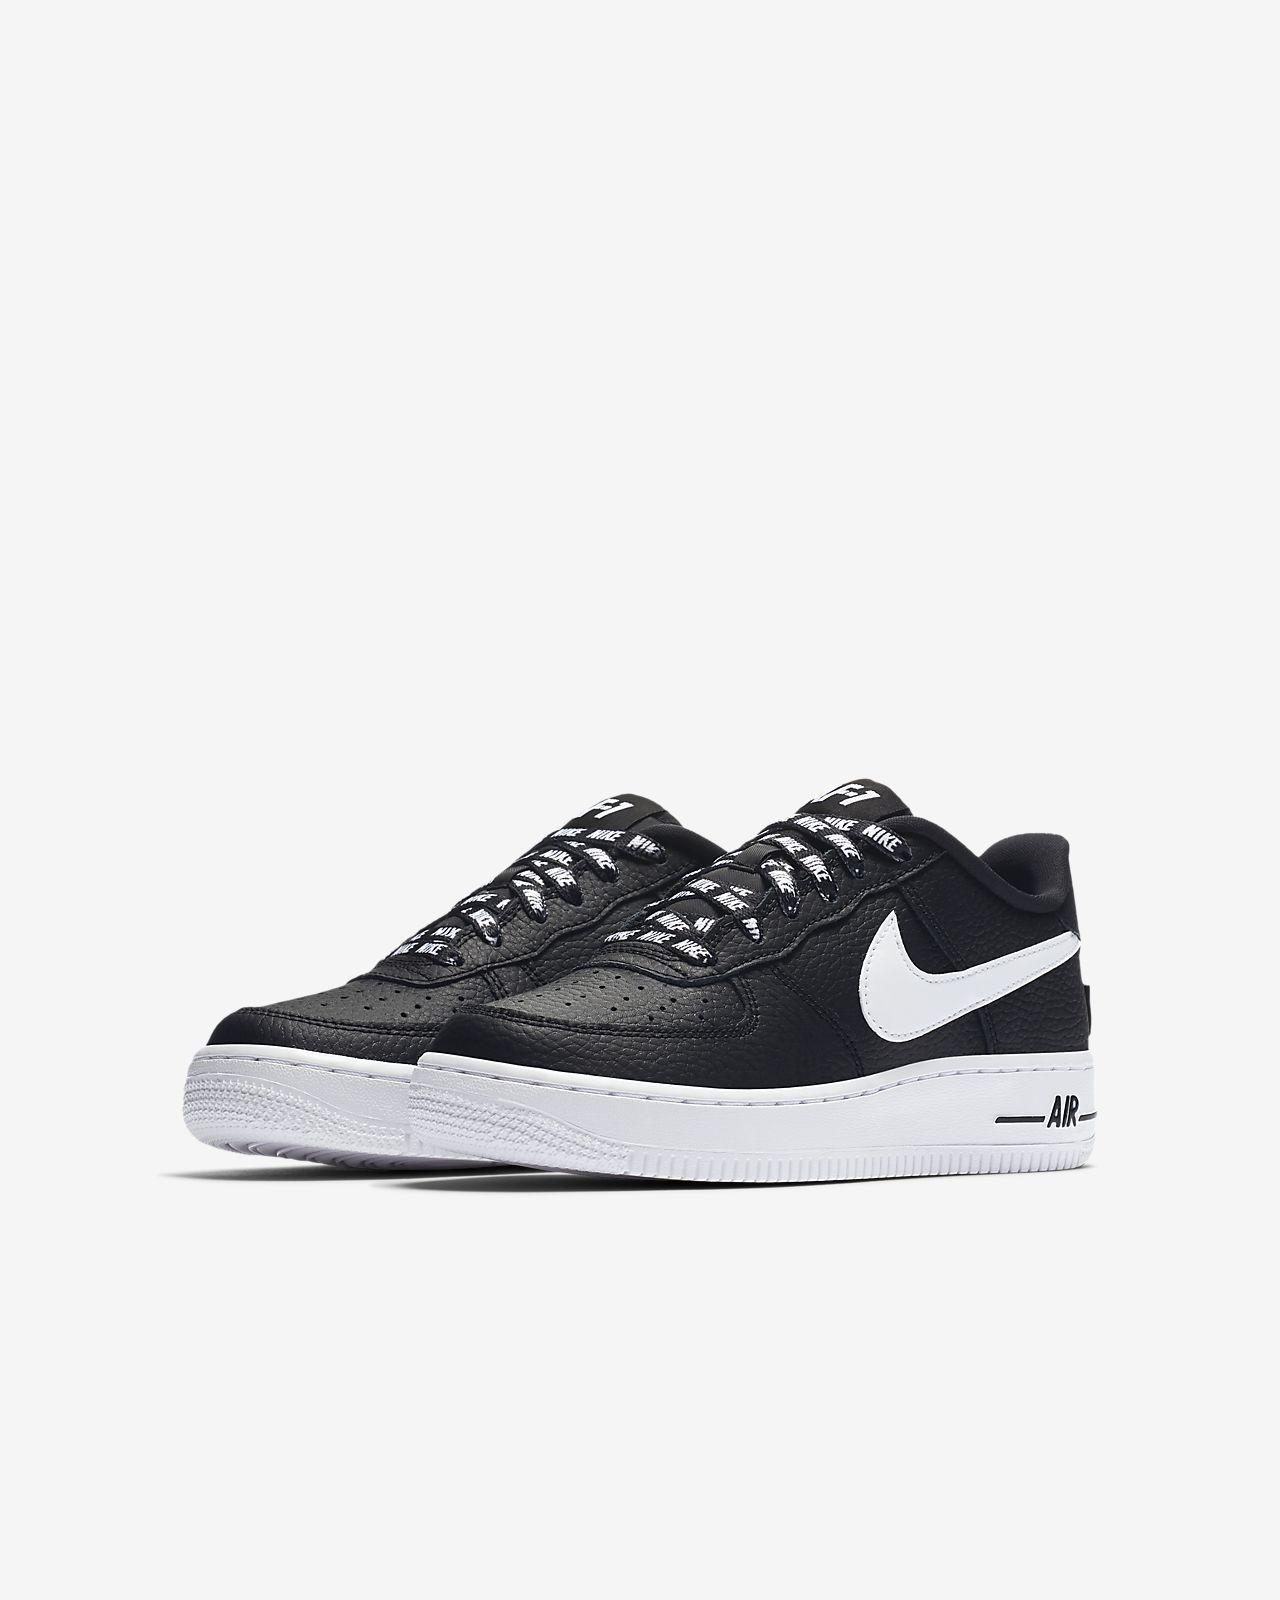 Chaussures NBA Nike Air Force 1 blanches garçon ccpyPKa